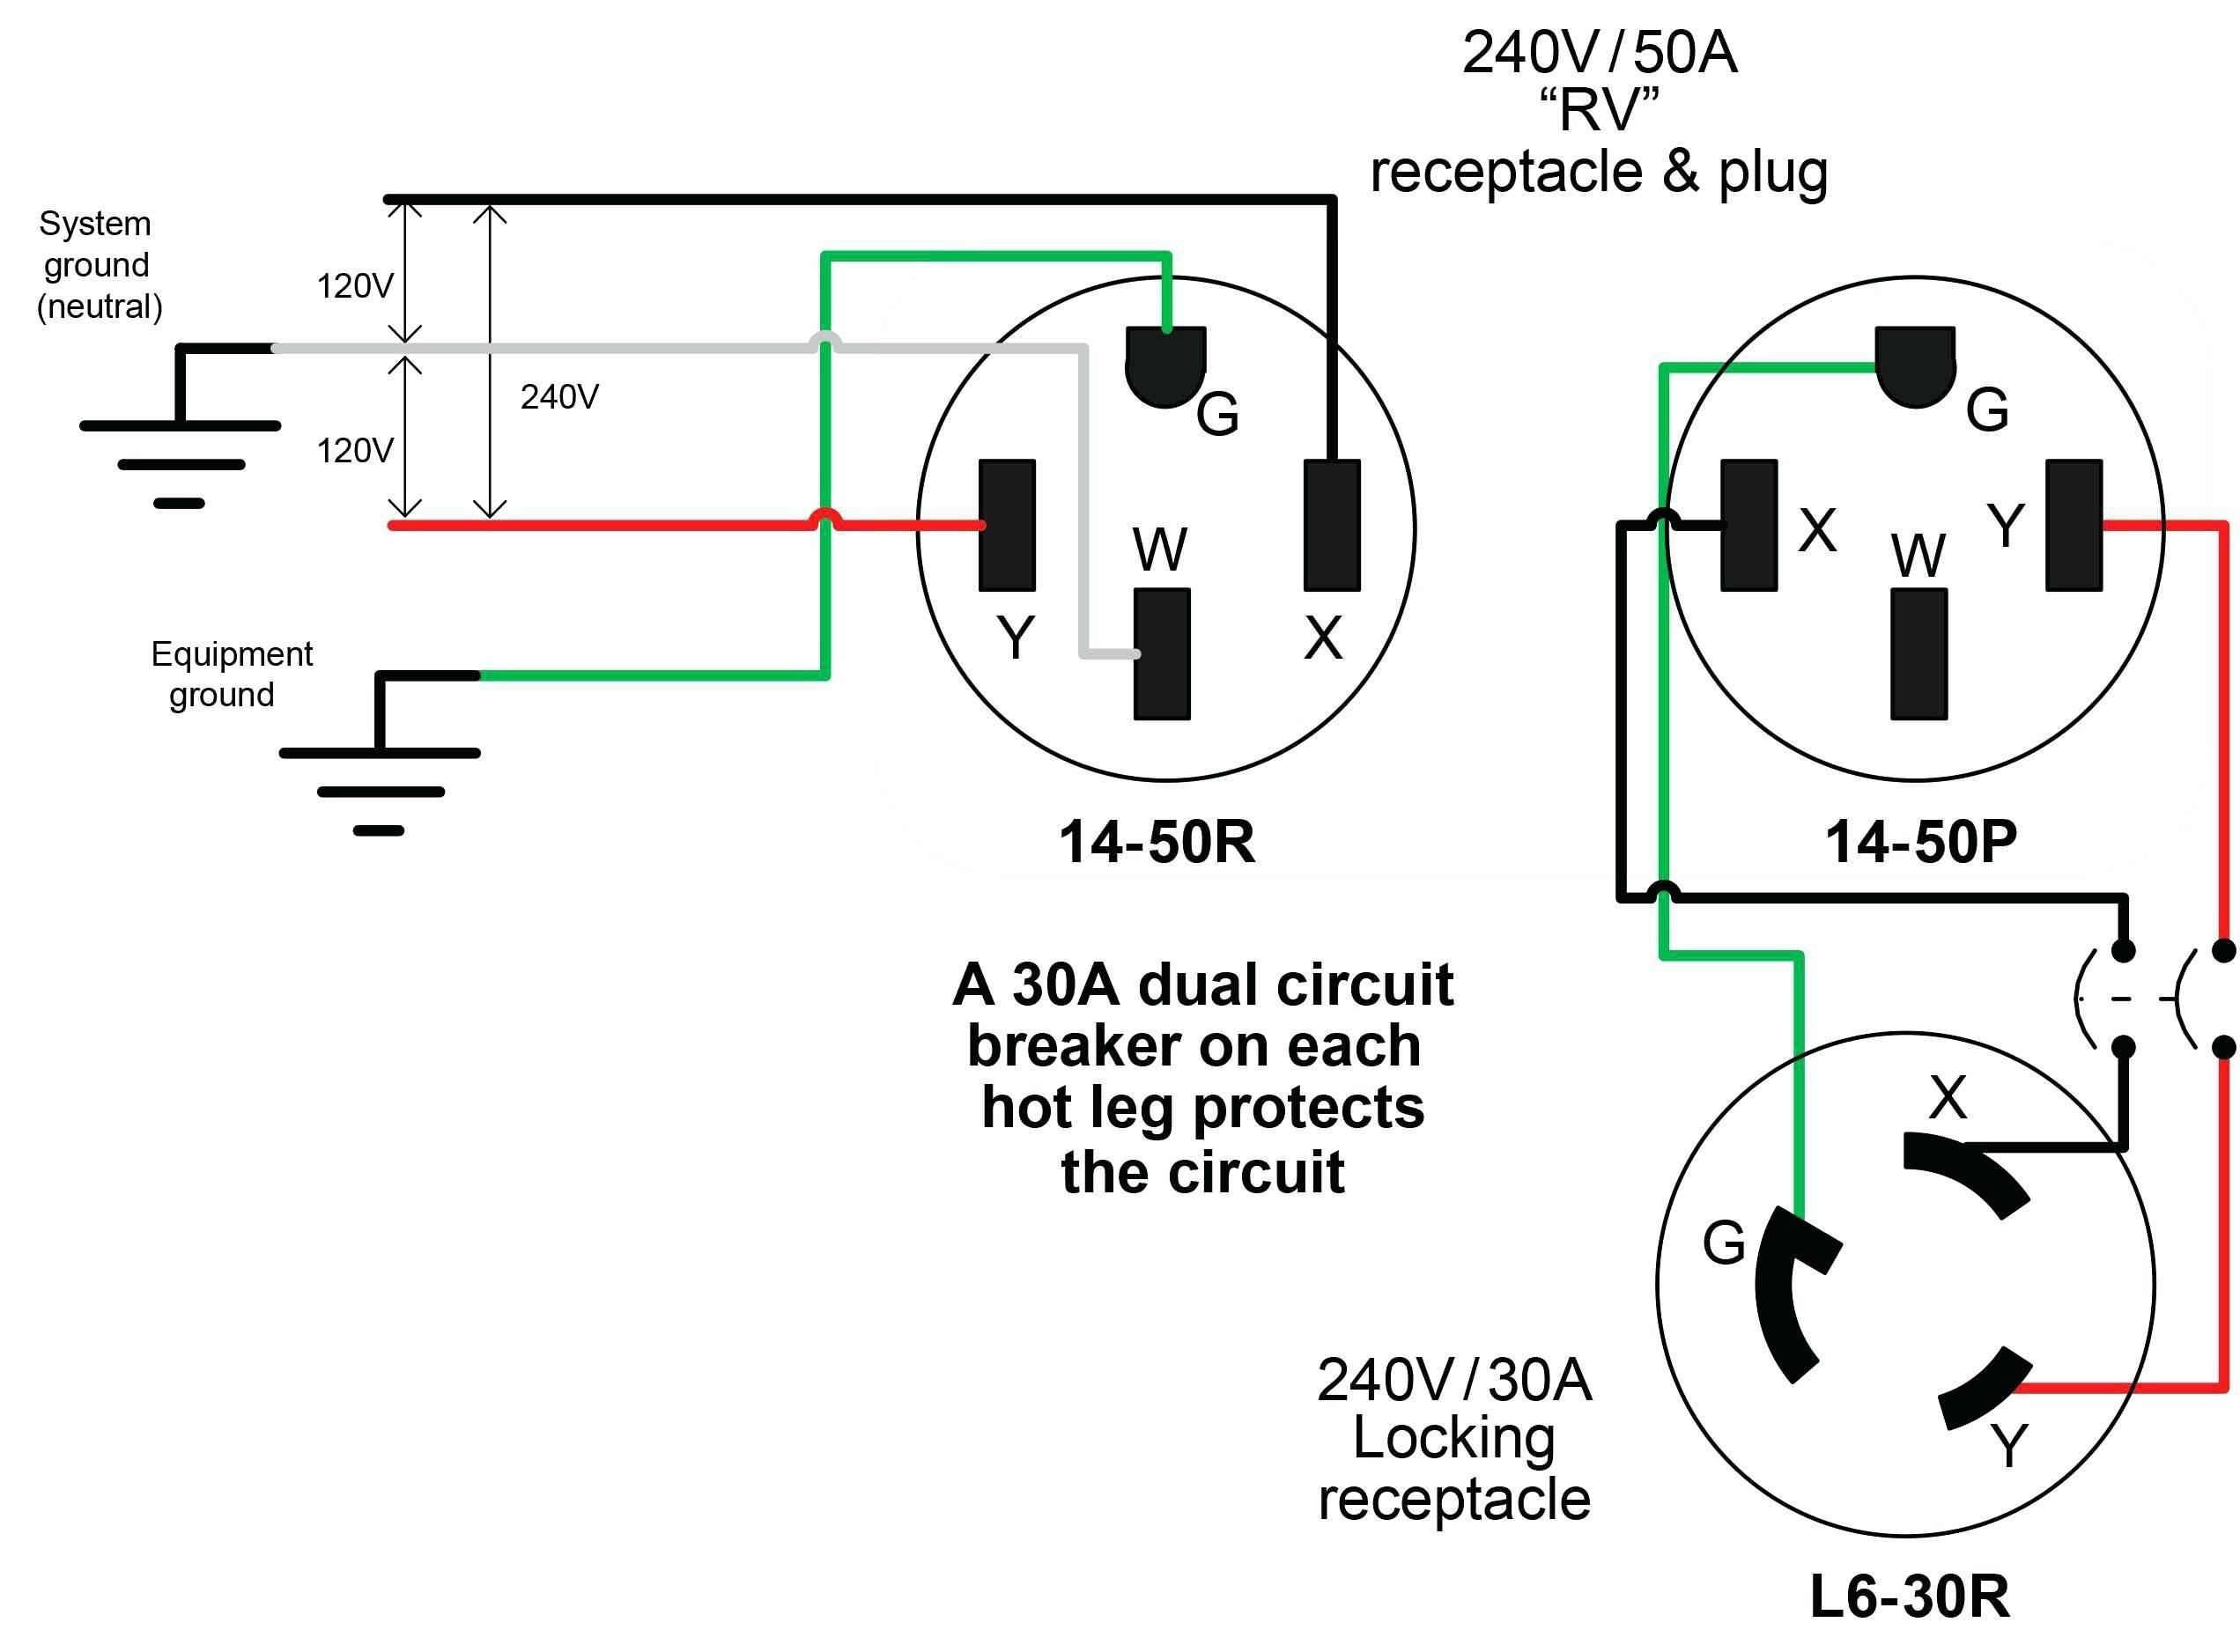 6 20 l14 30 wiring diagram - wiring diagram schematics l14 20 plug 3 wire 240 wiring diagram 3 wire 240 volt wiring wiring diagram schematics